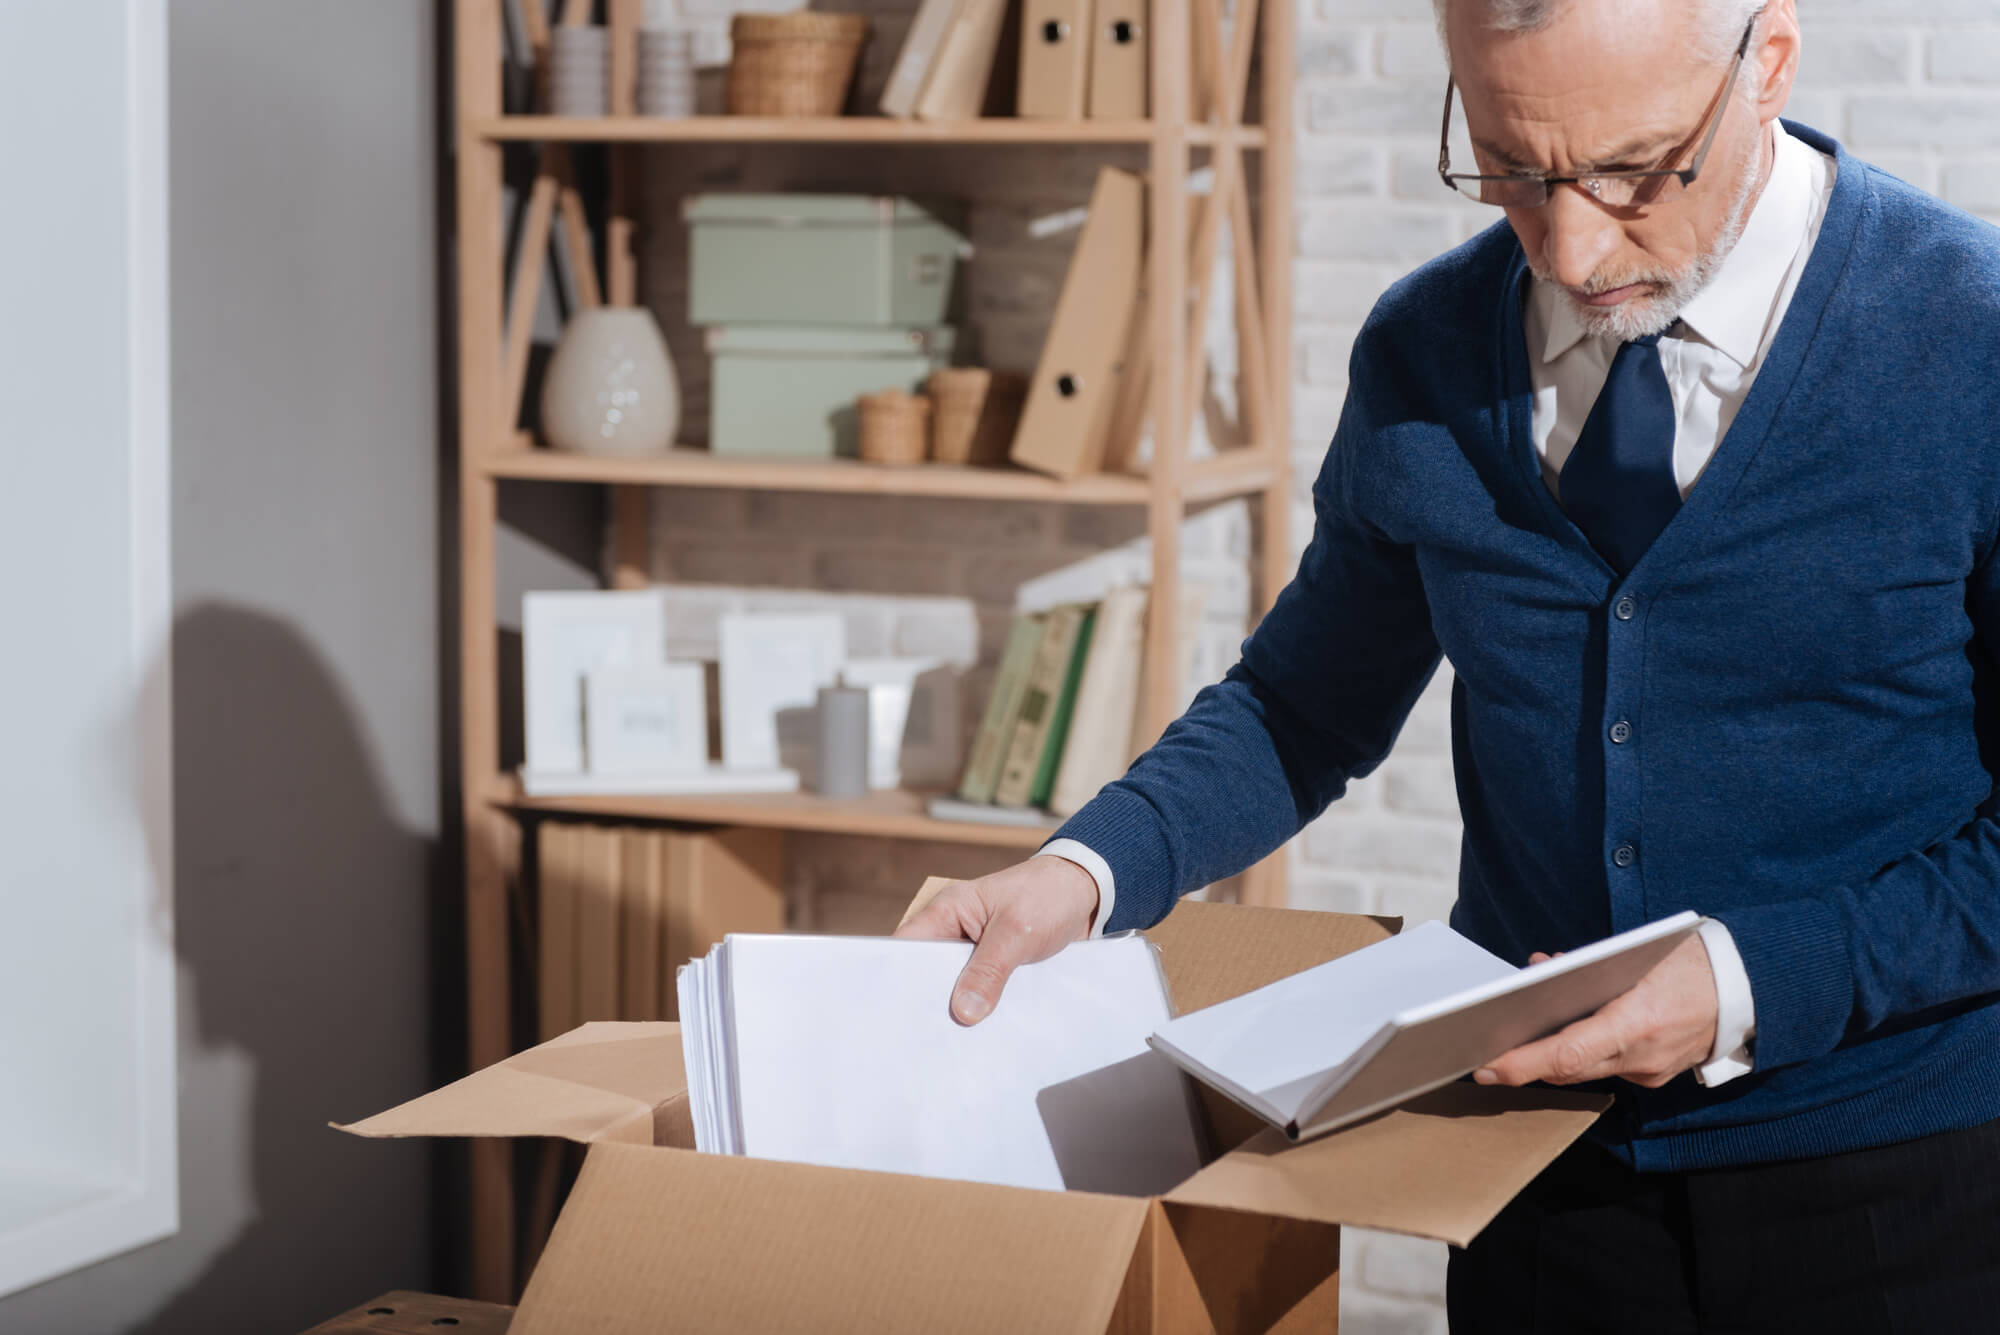 ПФР заключает соглашения с работодателями по обмену информацией о подтверждении предпенсионного возраста работников